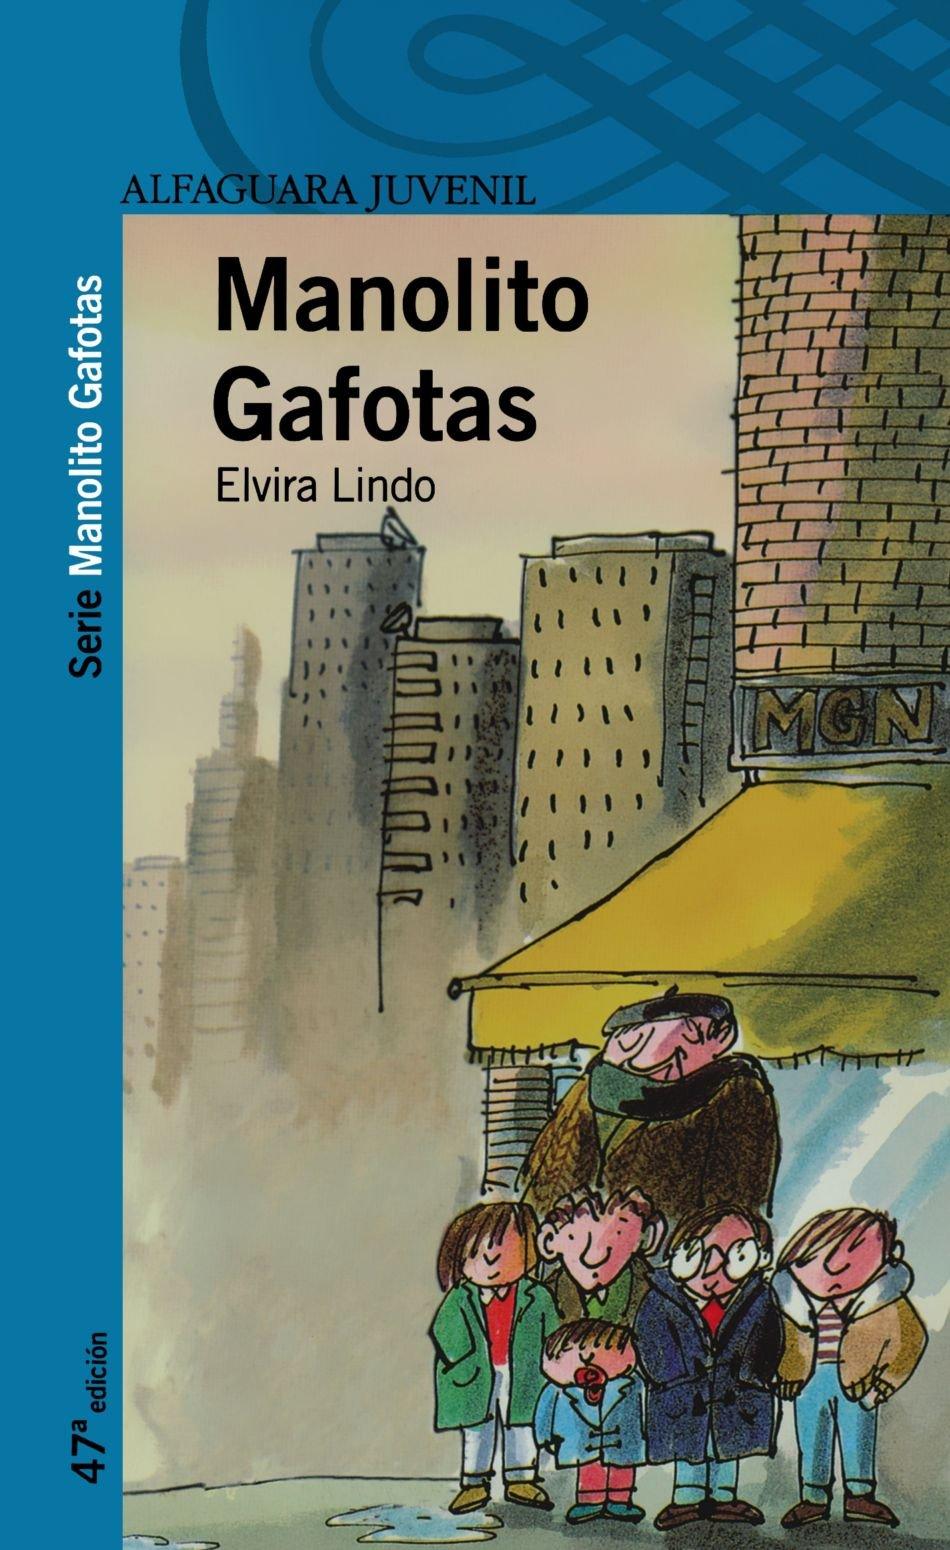 Amazon.com: Manolito Gafotas (Spanish Edition) (9788420464534): Elvira Lindo: Books